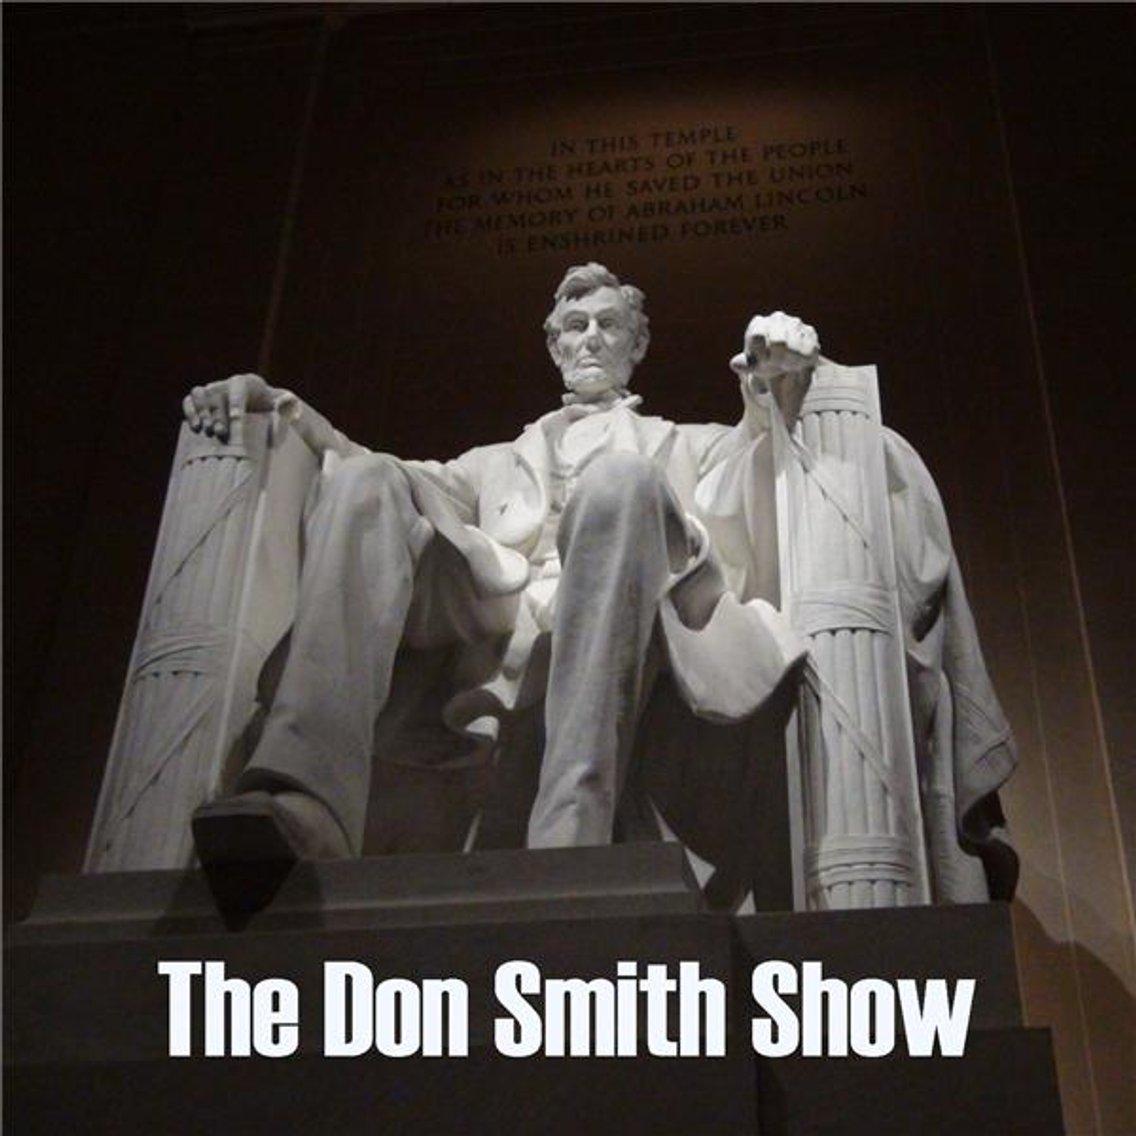 The Don Smith Show - imagen de portada